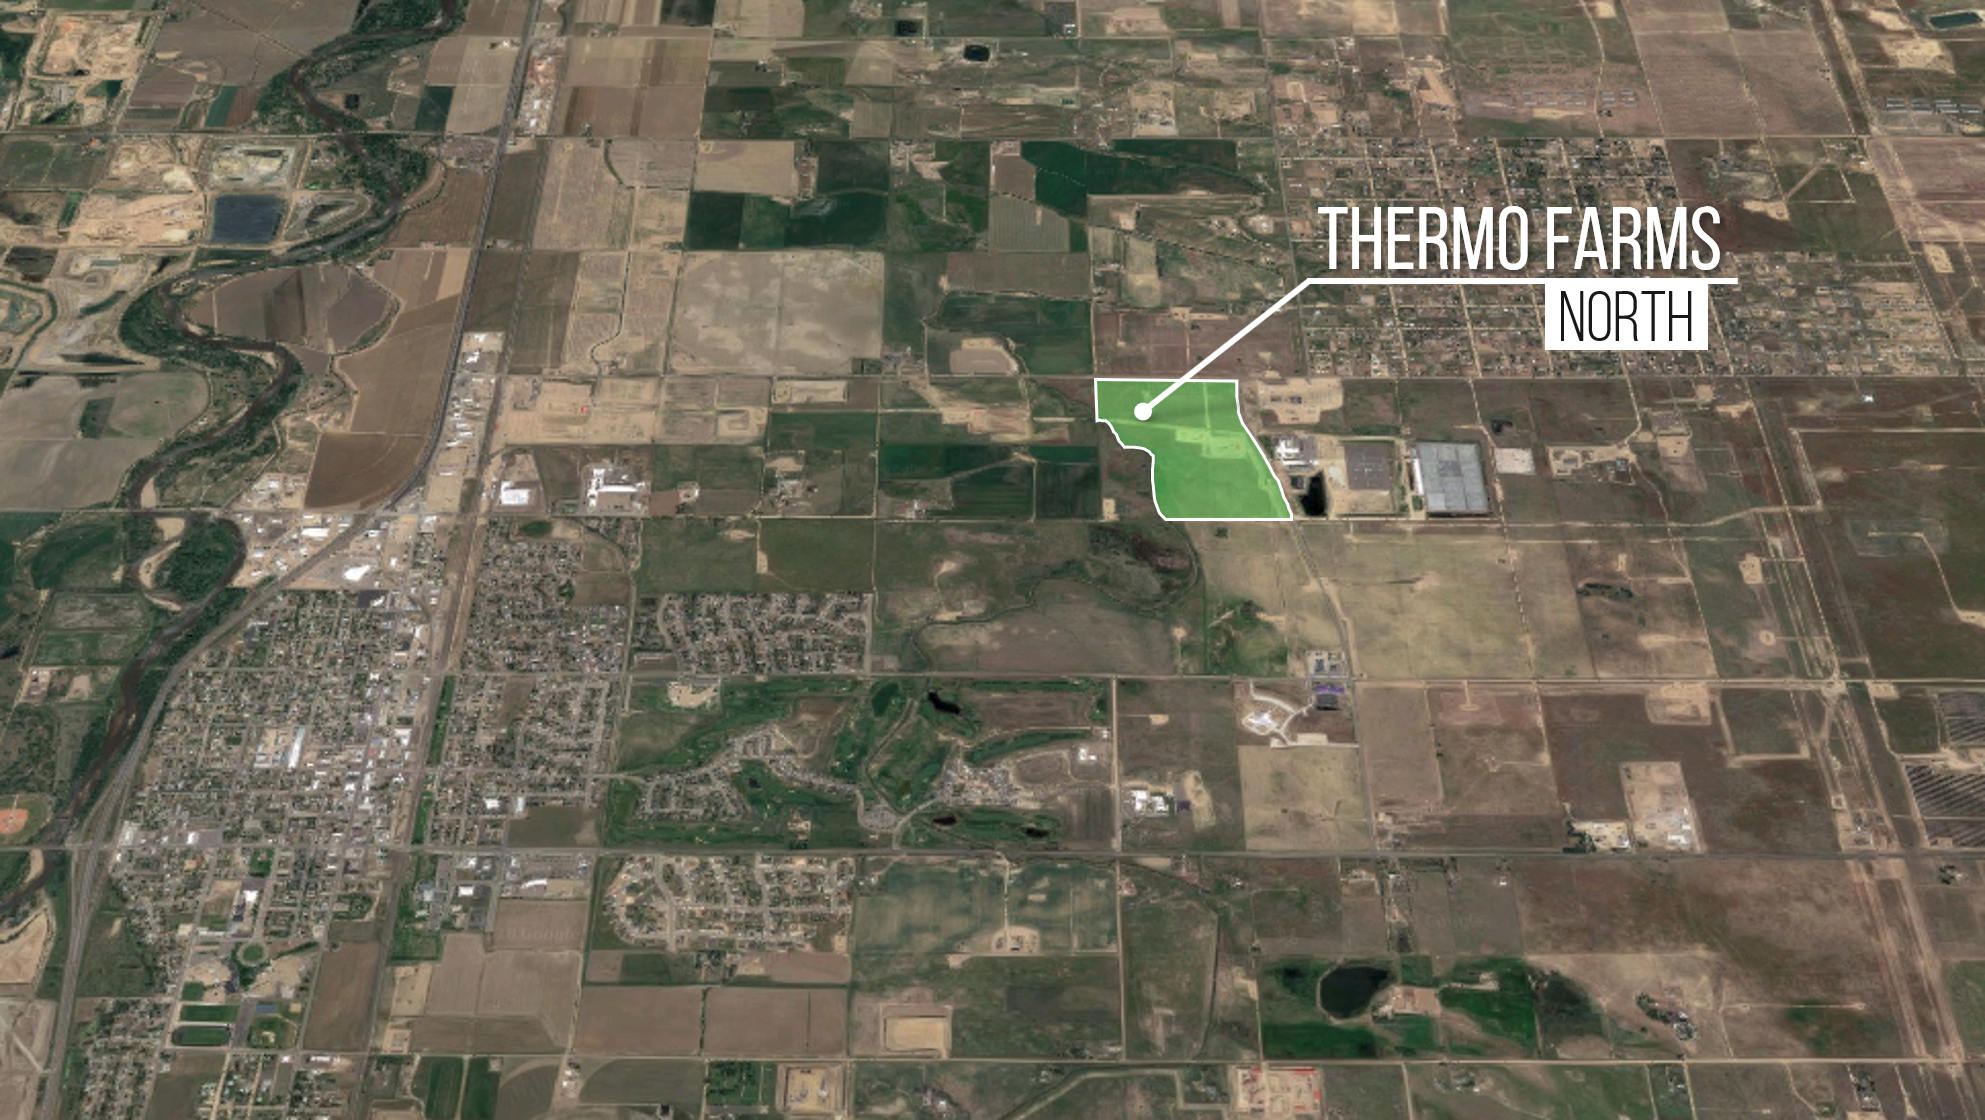 TBD4 Thermo-Farms North (4)